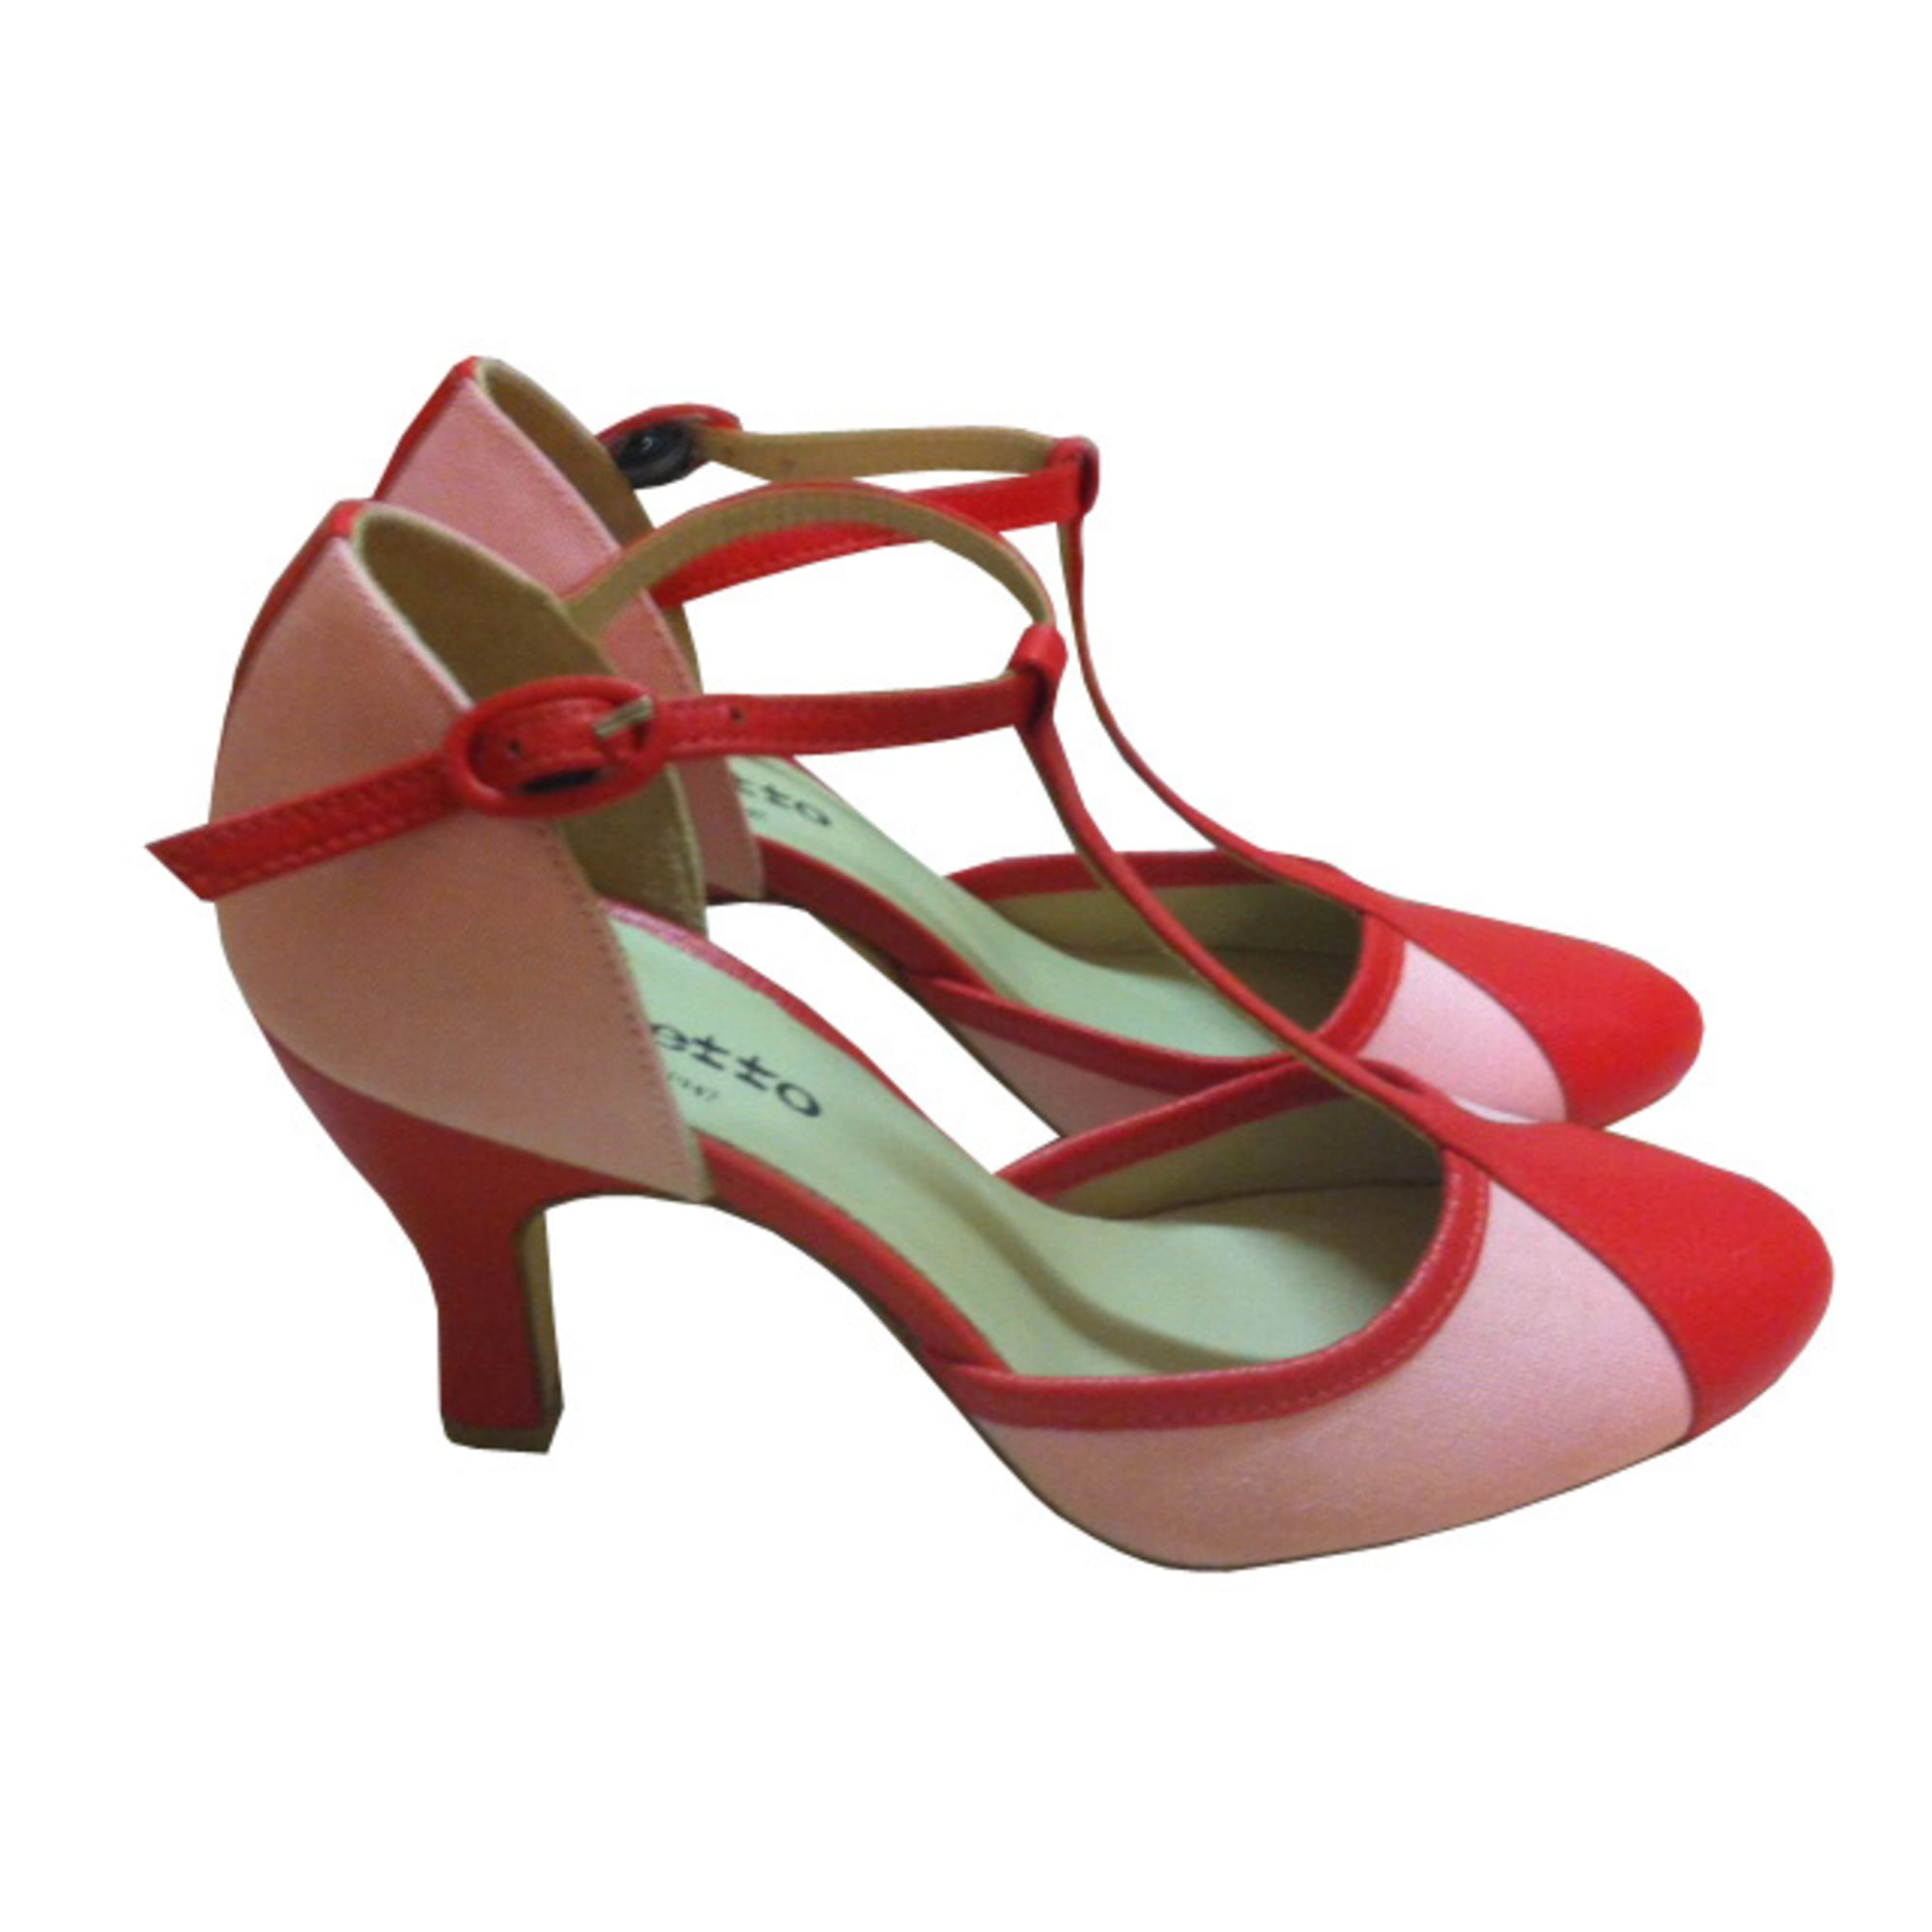 36e1249af65 Salomés REPETTO 36 rouge vendu par Indigo chaussures - 2111128